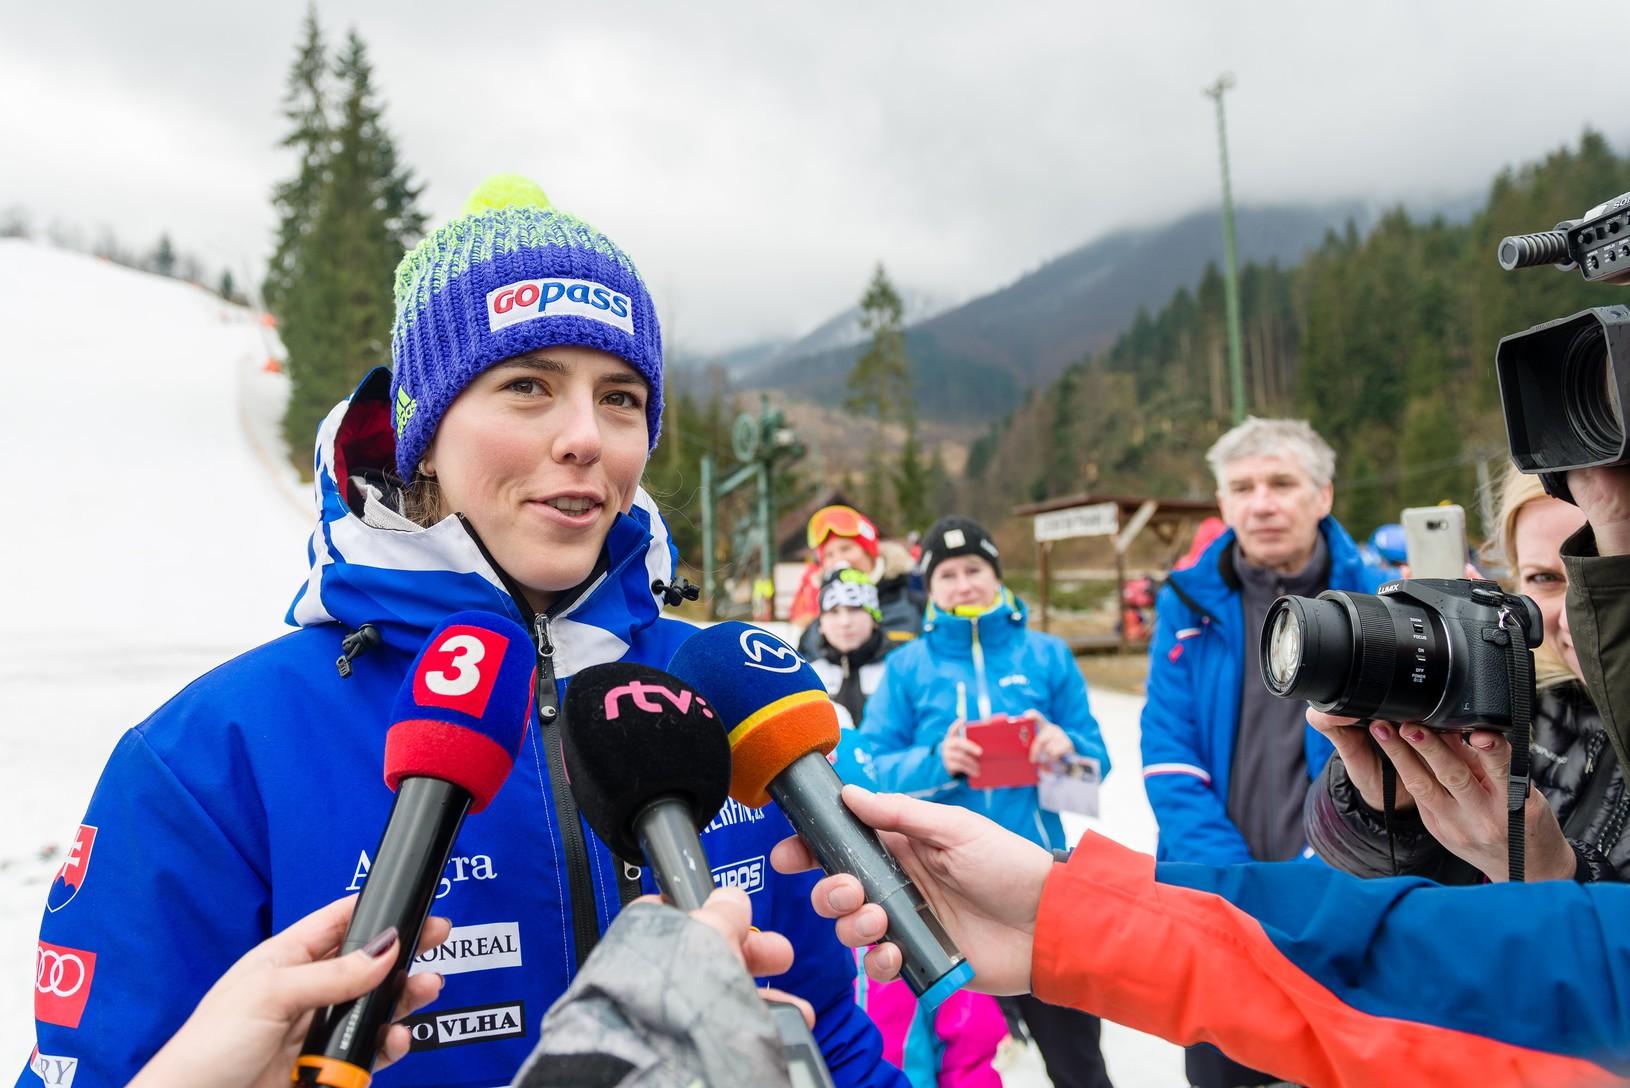 Víťazka v kategórii slalom